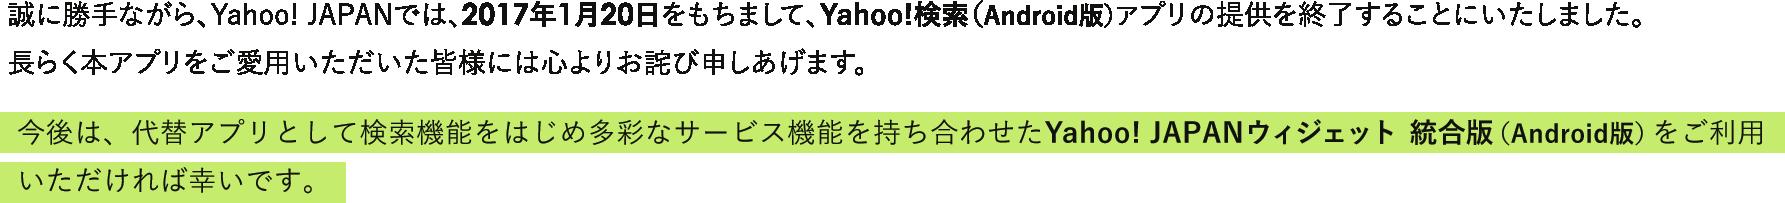 誠に勝手ながら、Yahoo! JAPANでは、2017年1月20日をもちまして、Yahoo!検索(Android版)アプリの提供を終了することにいたしました。 長らく本アプリをご愛用いただいた皆様には心よりお詫び申しあげます。今後は、代替アプリとして検索機能をはじめ多彩なサービス機能を持ち合わせたYahoo! JAPANウィジェット(Android版)をご利用いただ ければ幸いです。